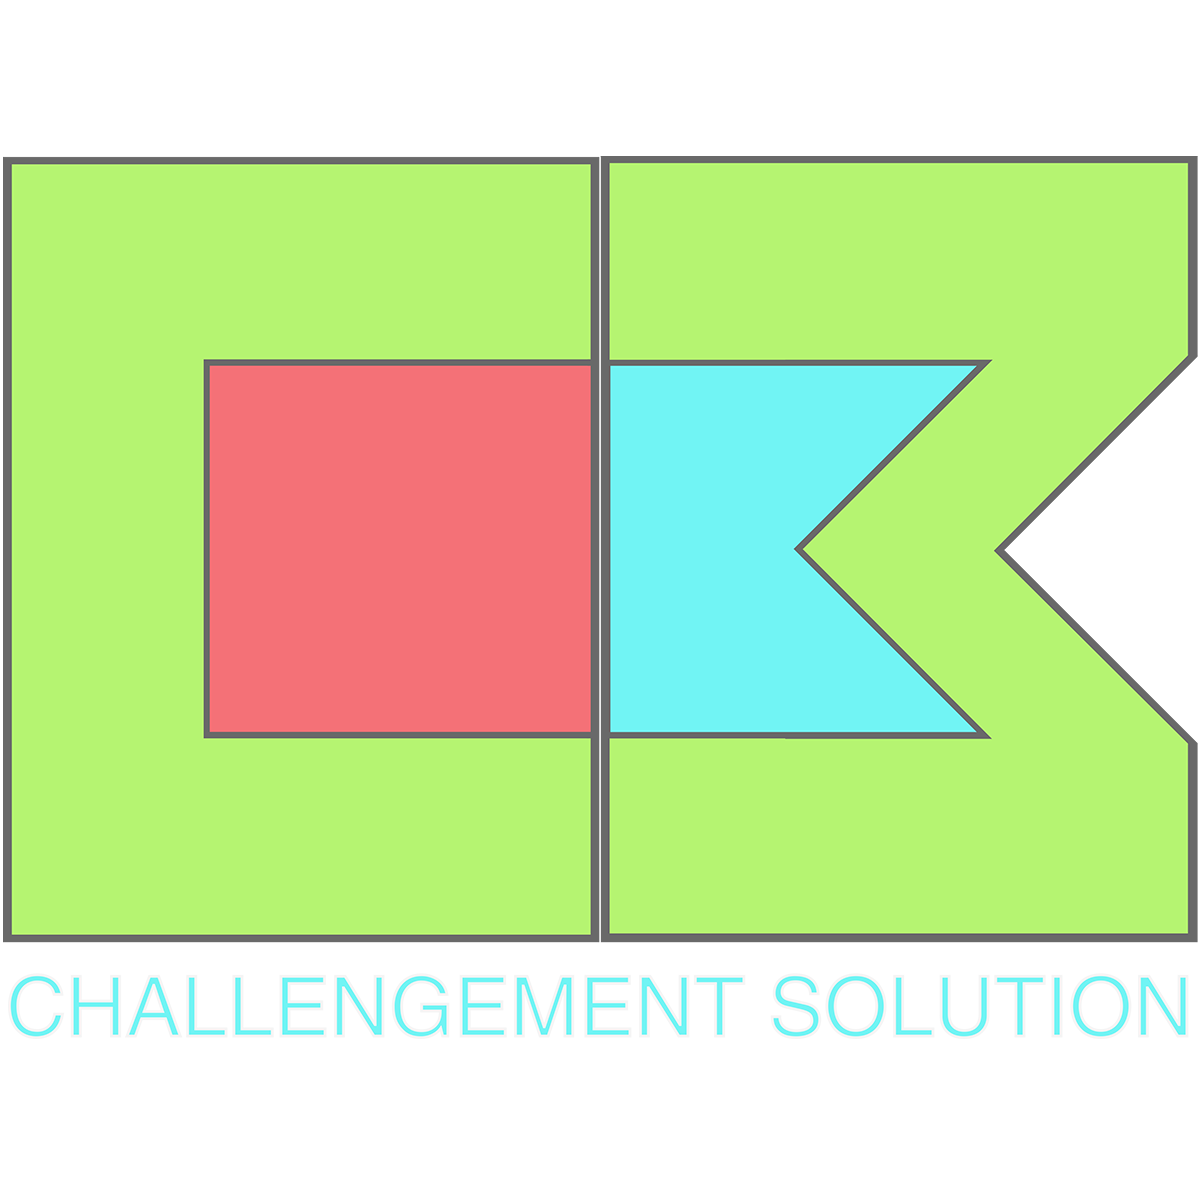 Challengement Solution